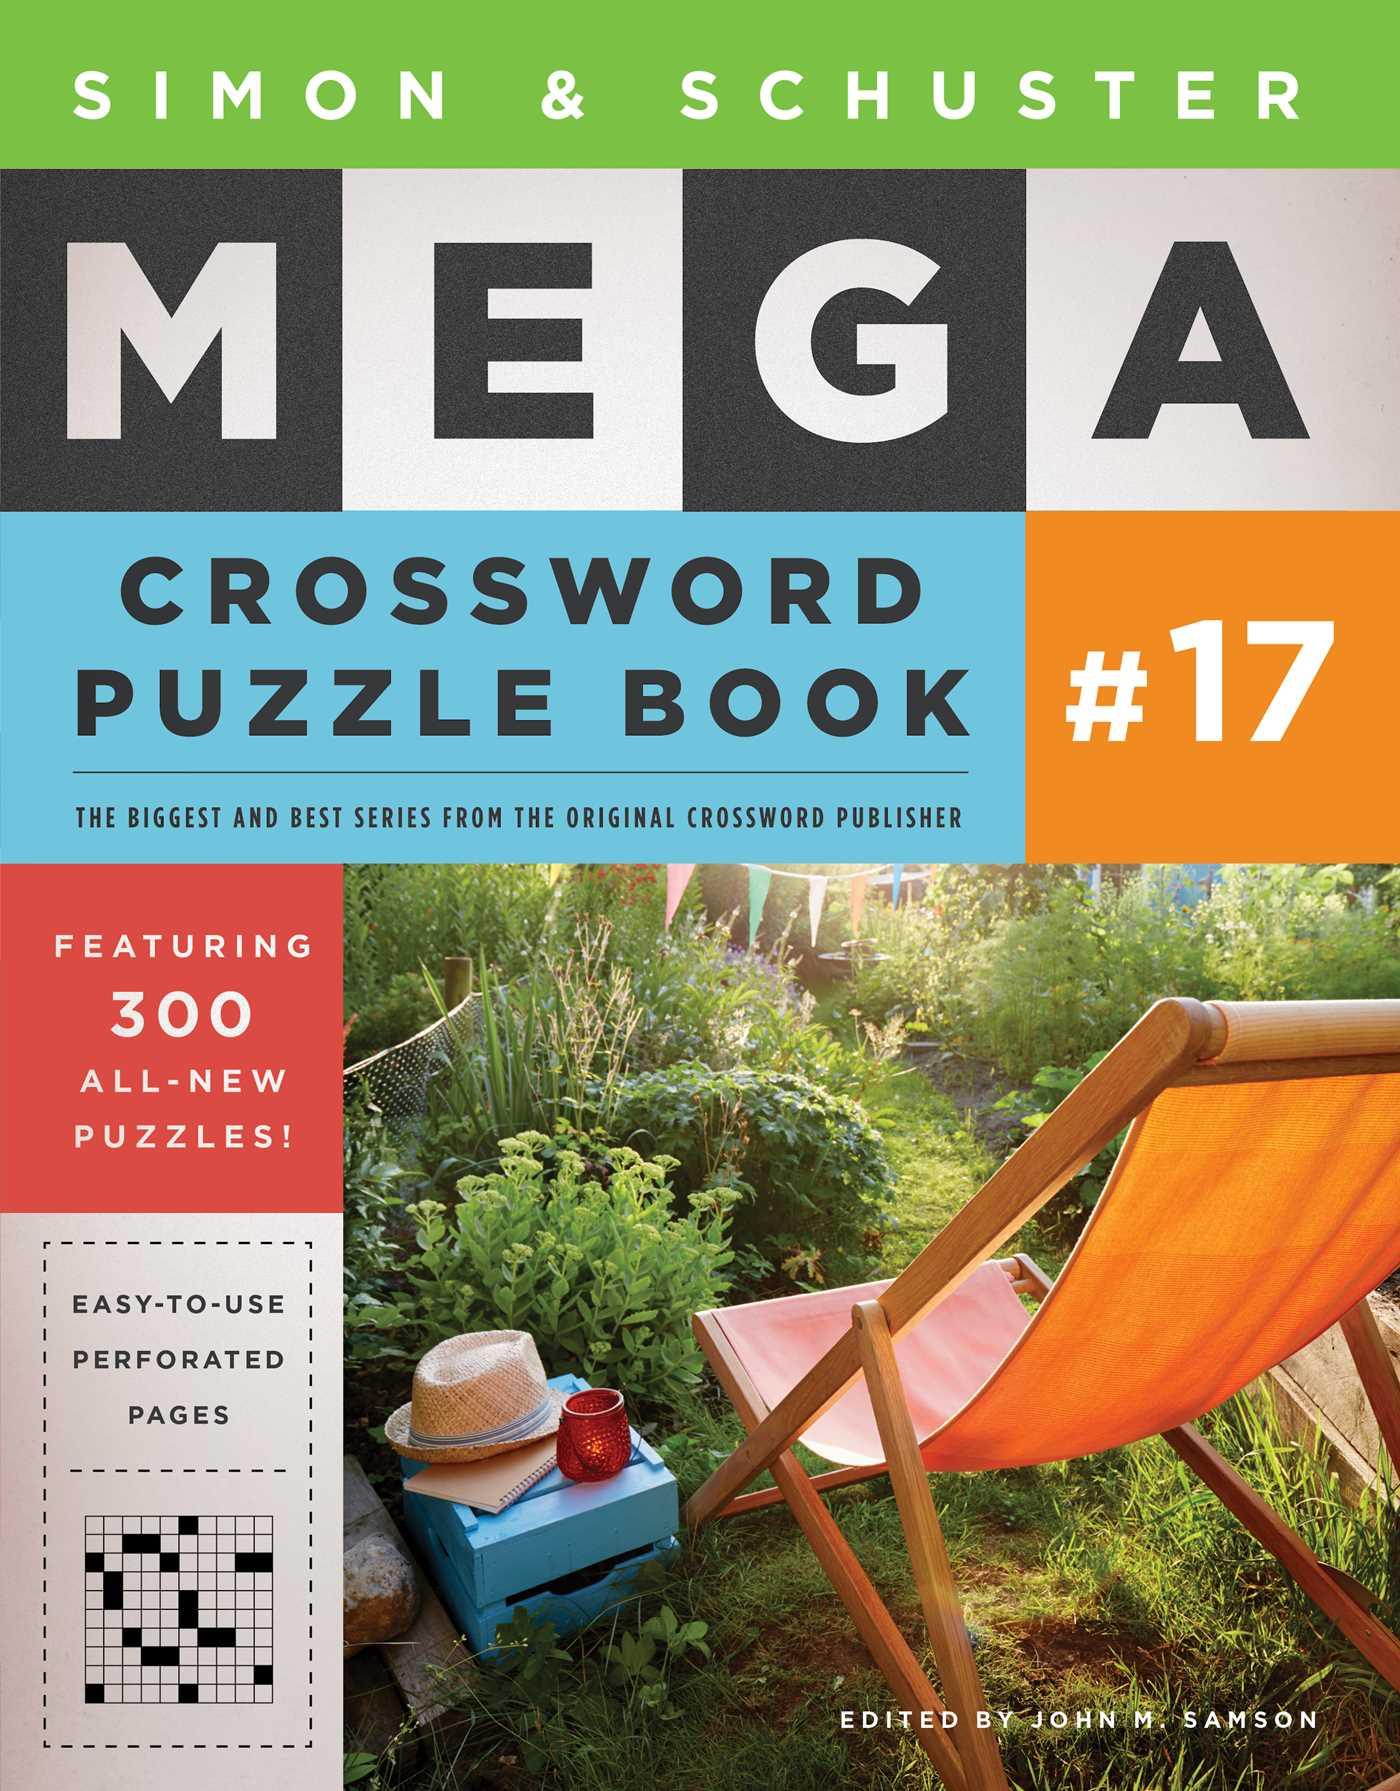 Simon schuster mega crossword puzzle book 17 9781501167935 hr